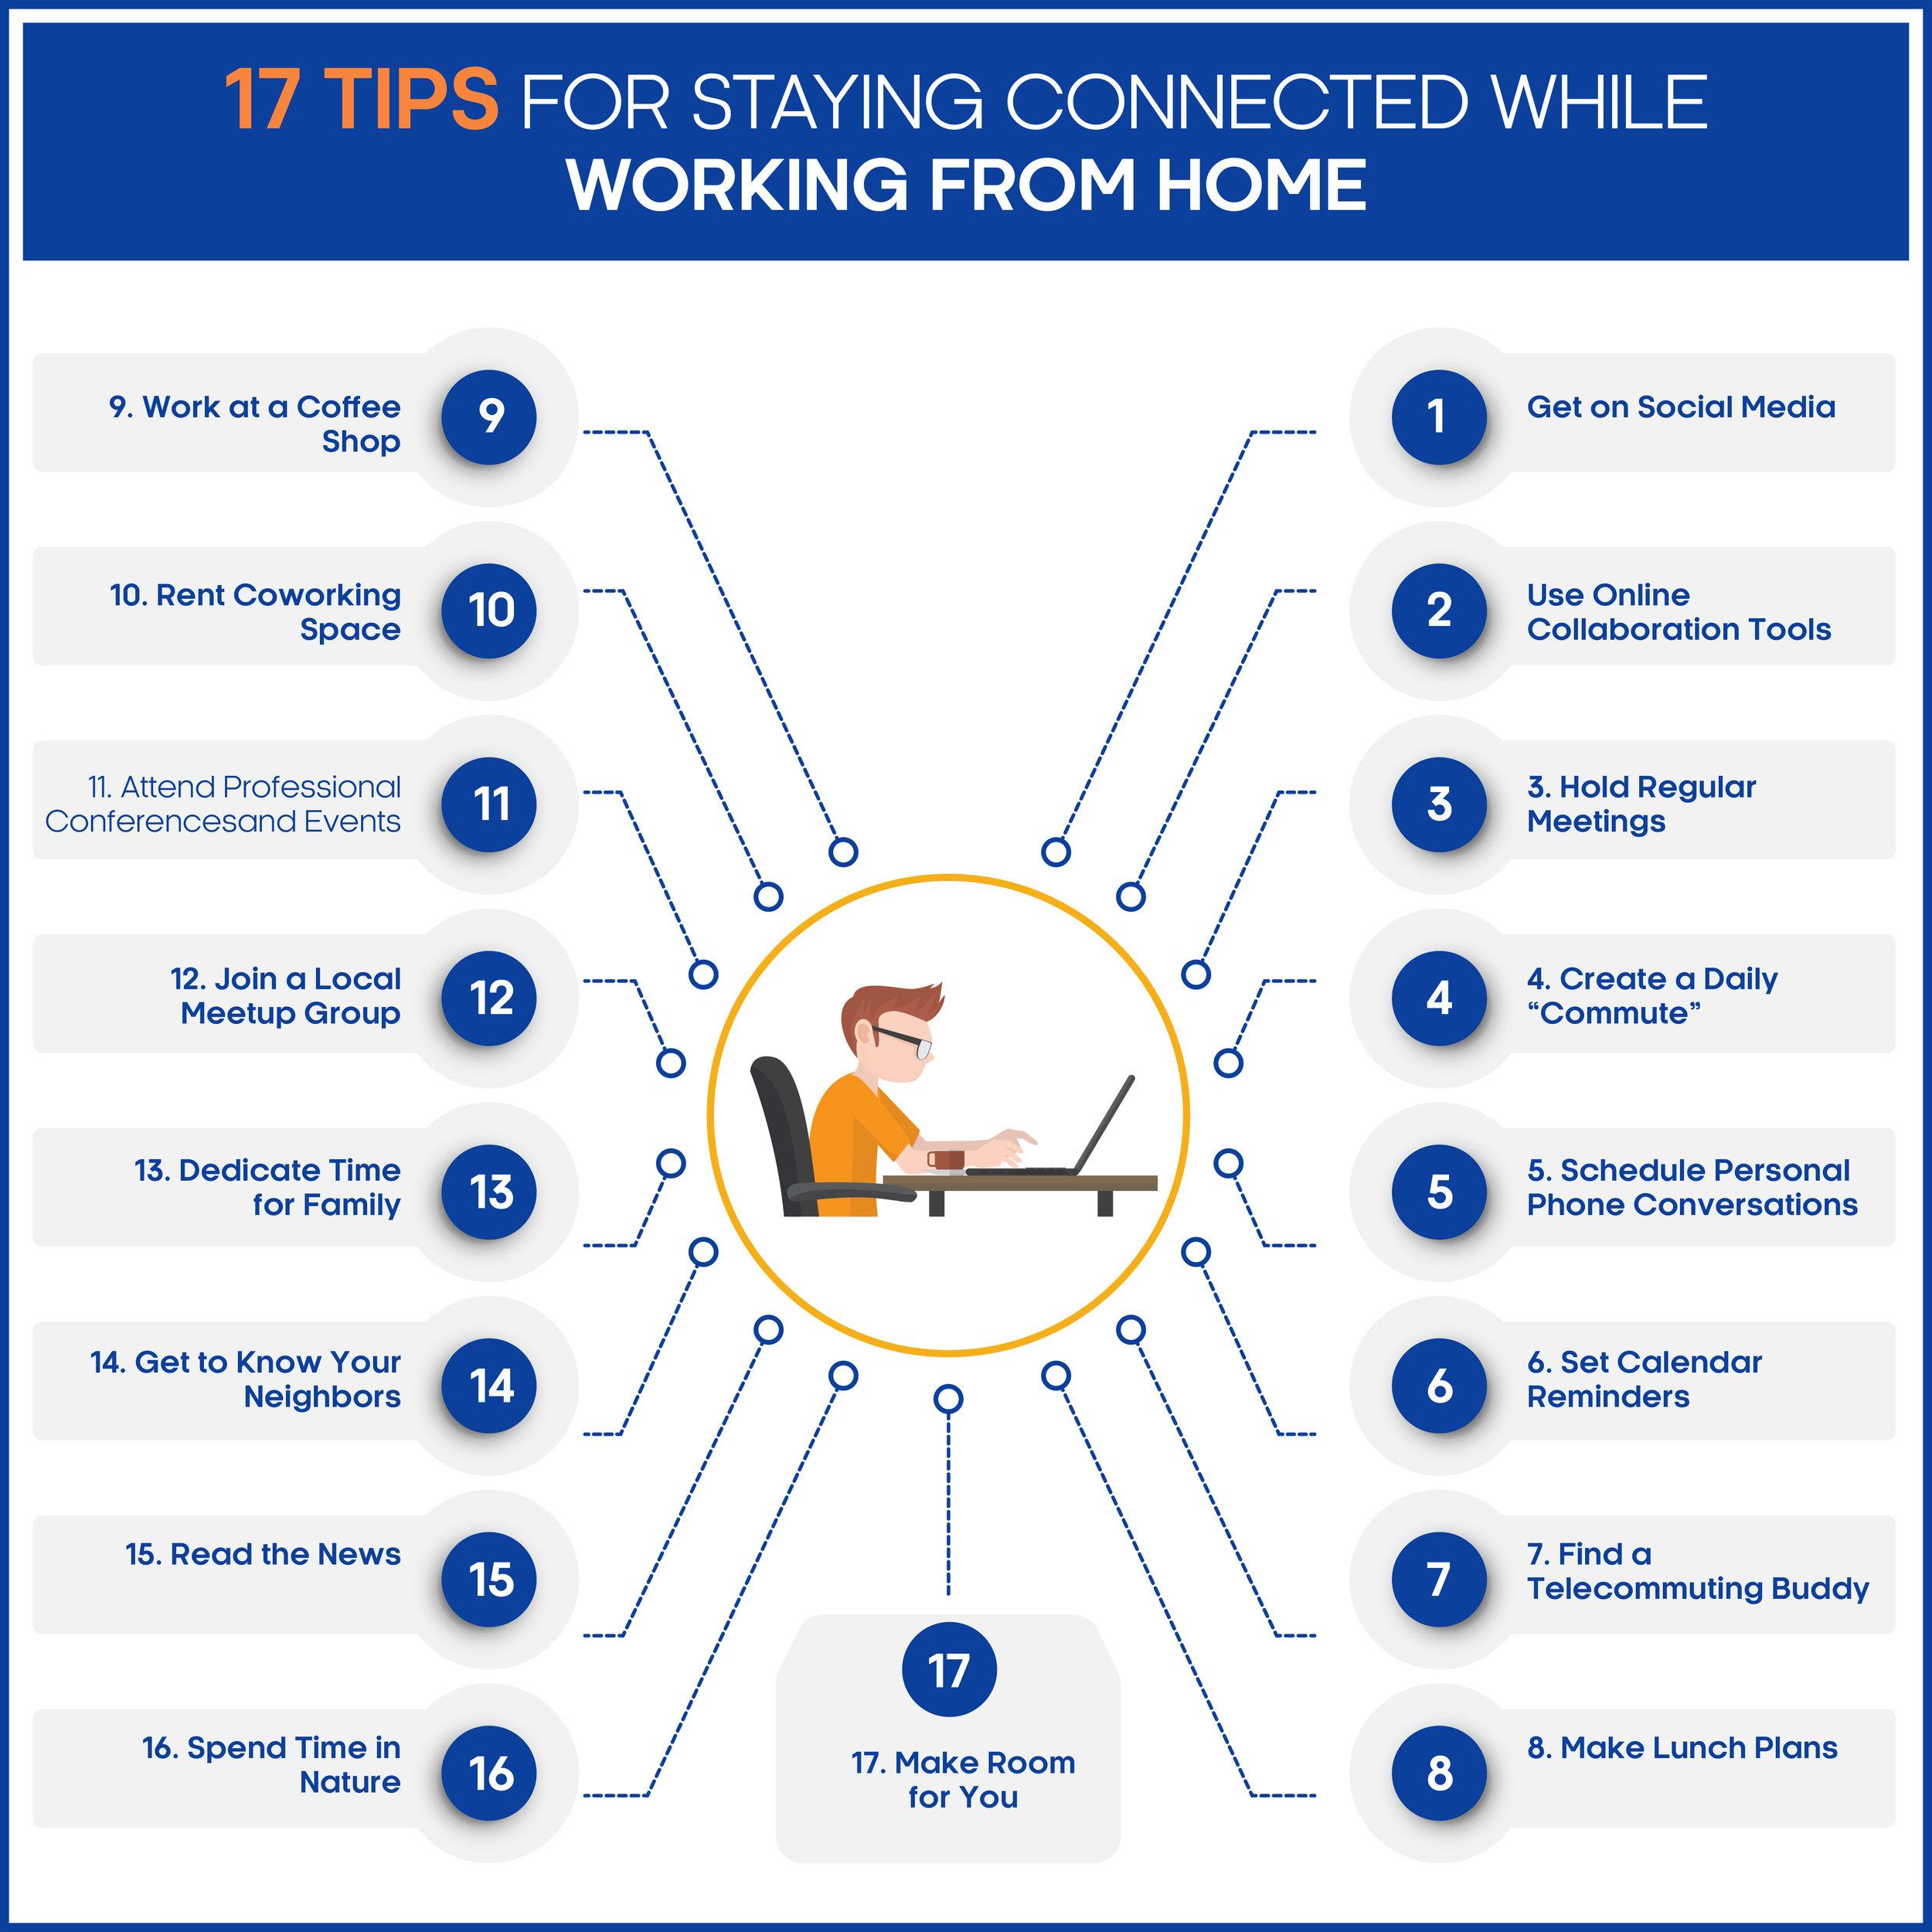 17 tips-01.jpg